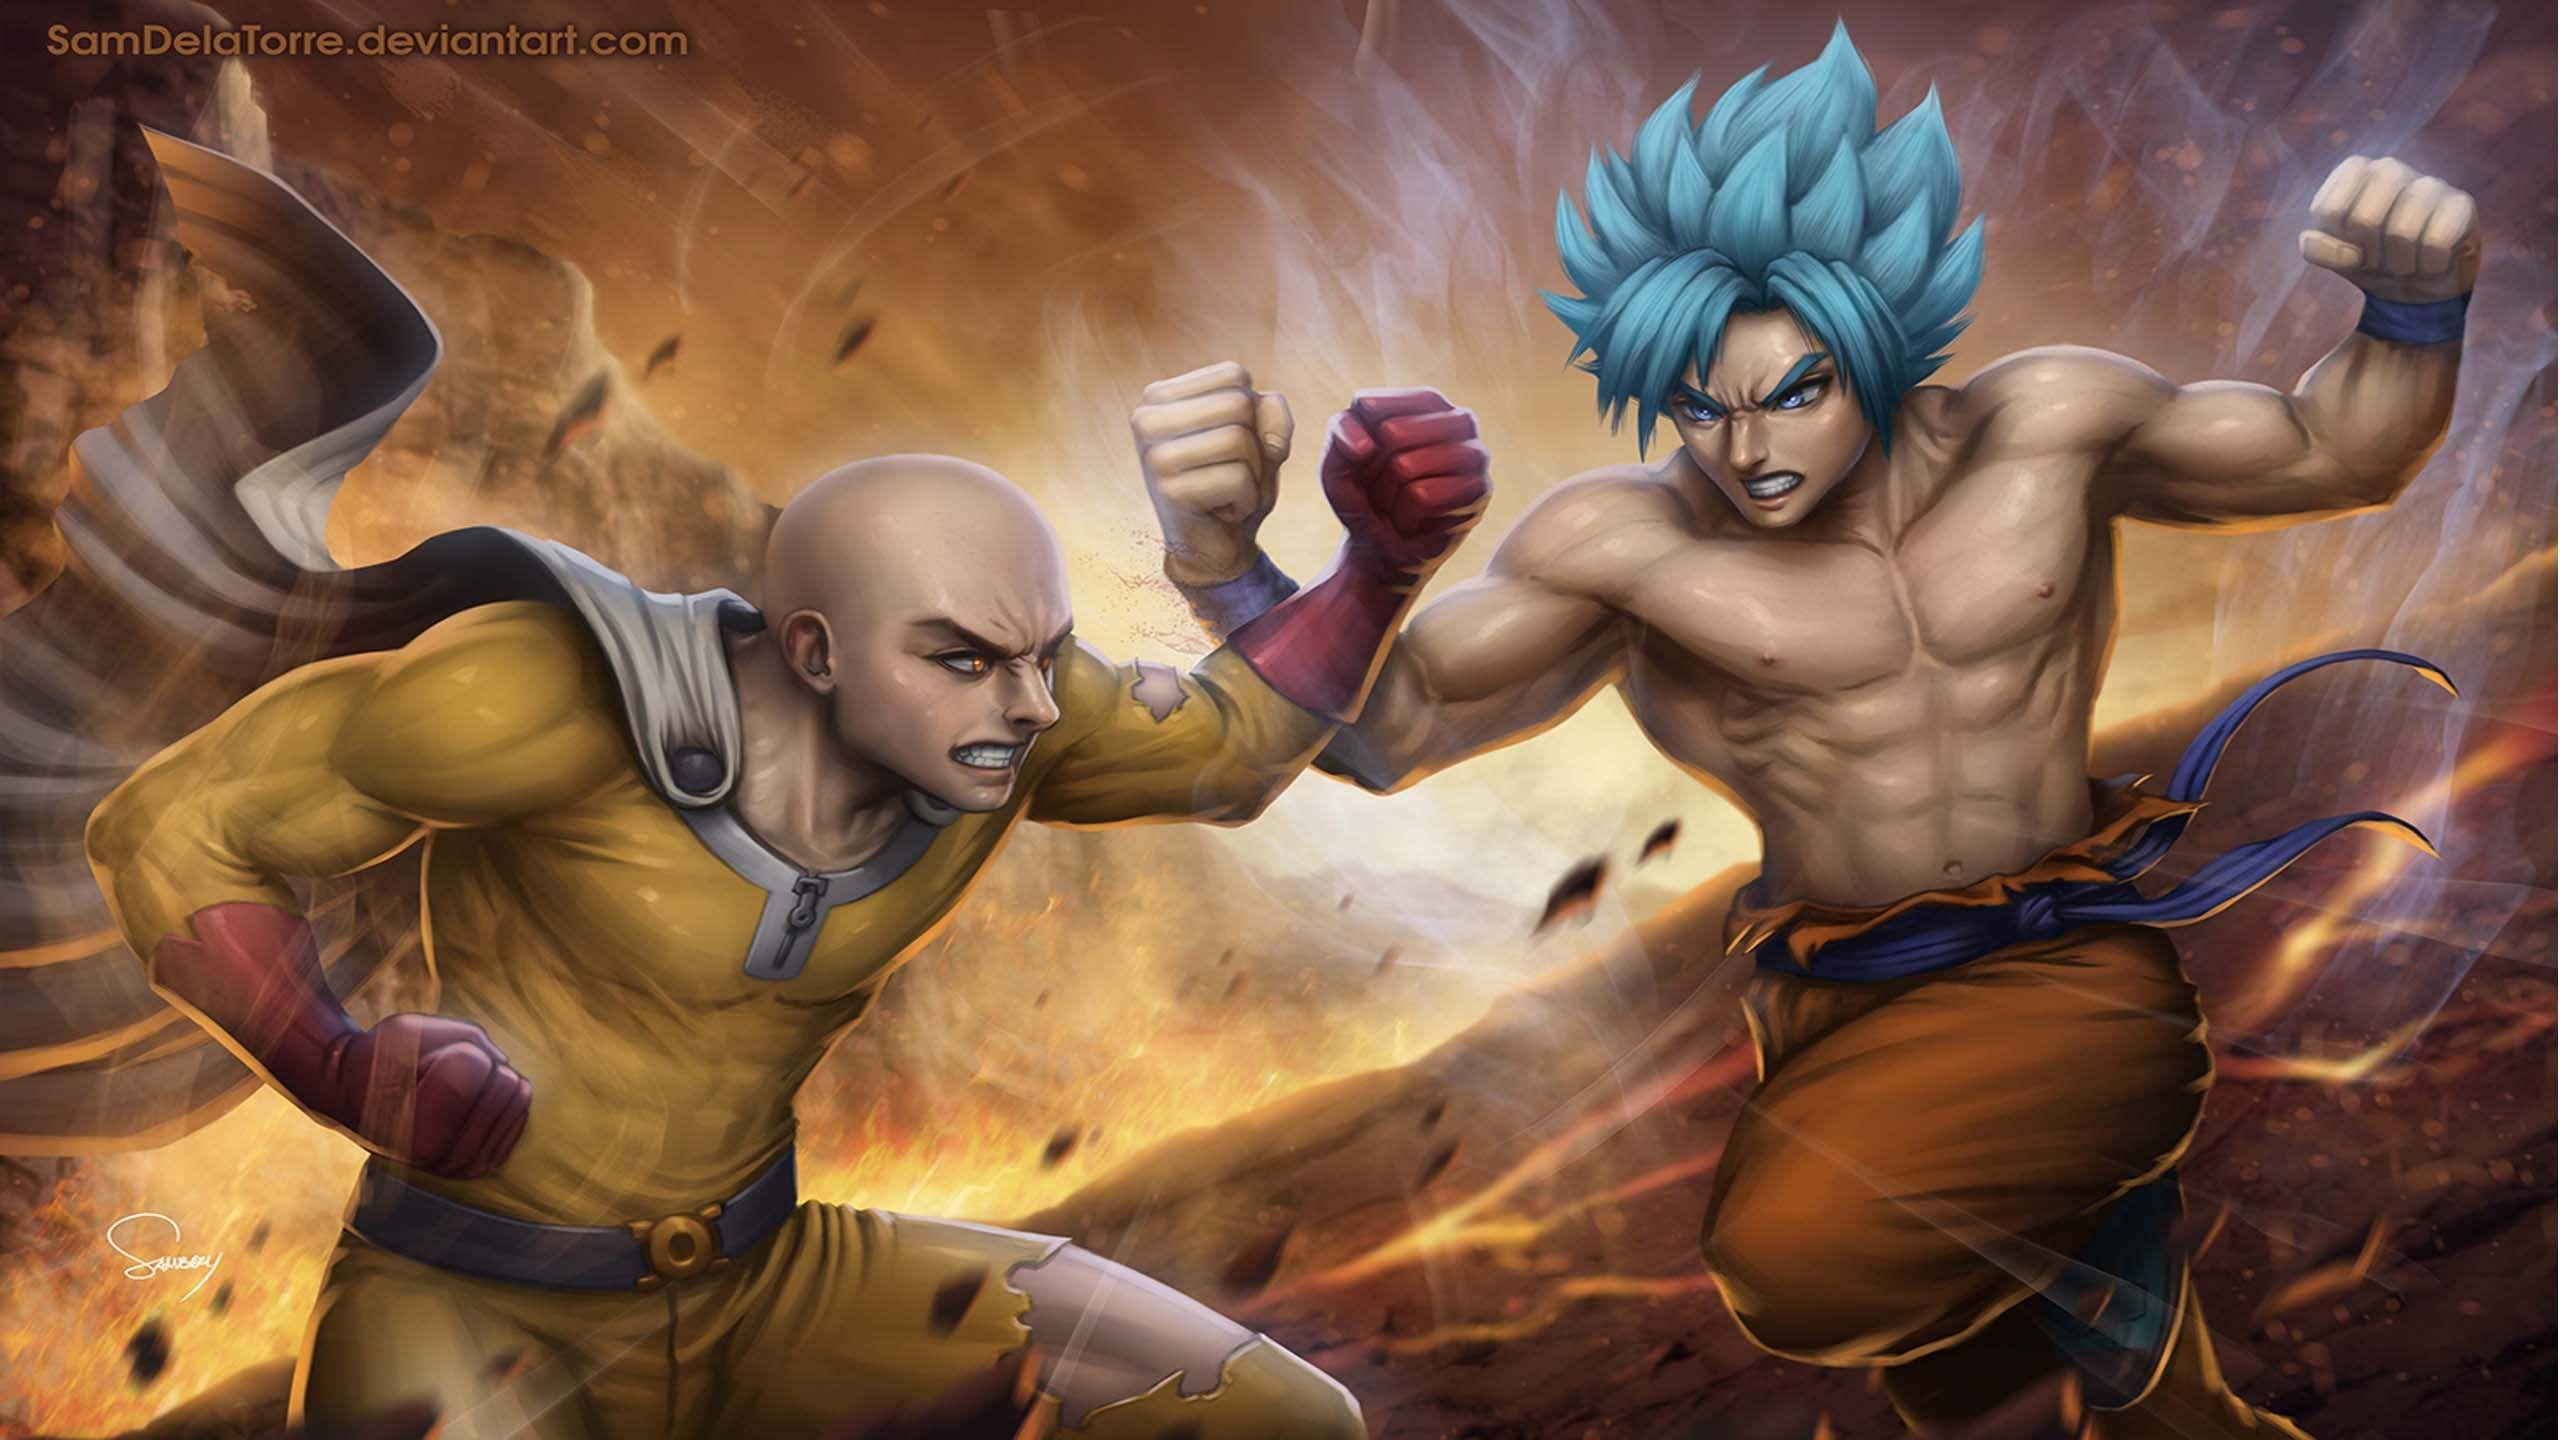 Saitama Vs Goku Wallpaper | Anime, Dragon ball z, Dragon ball